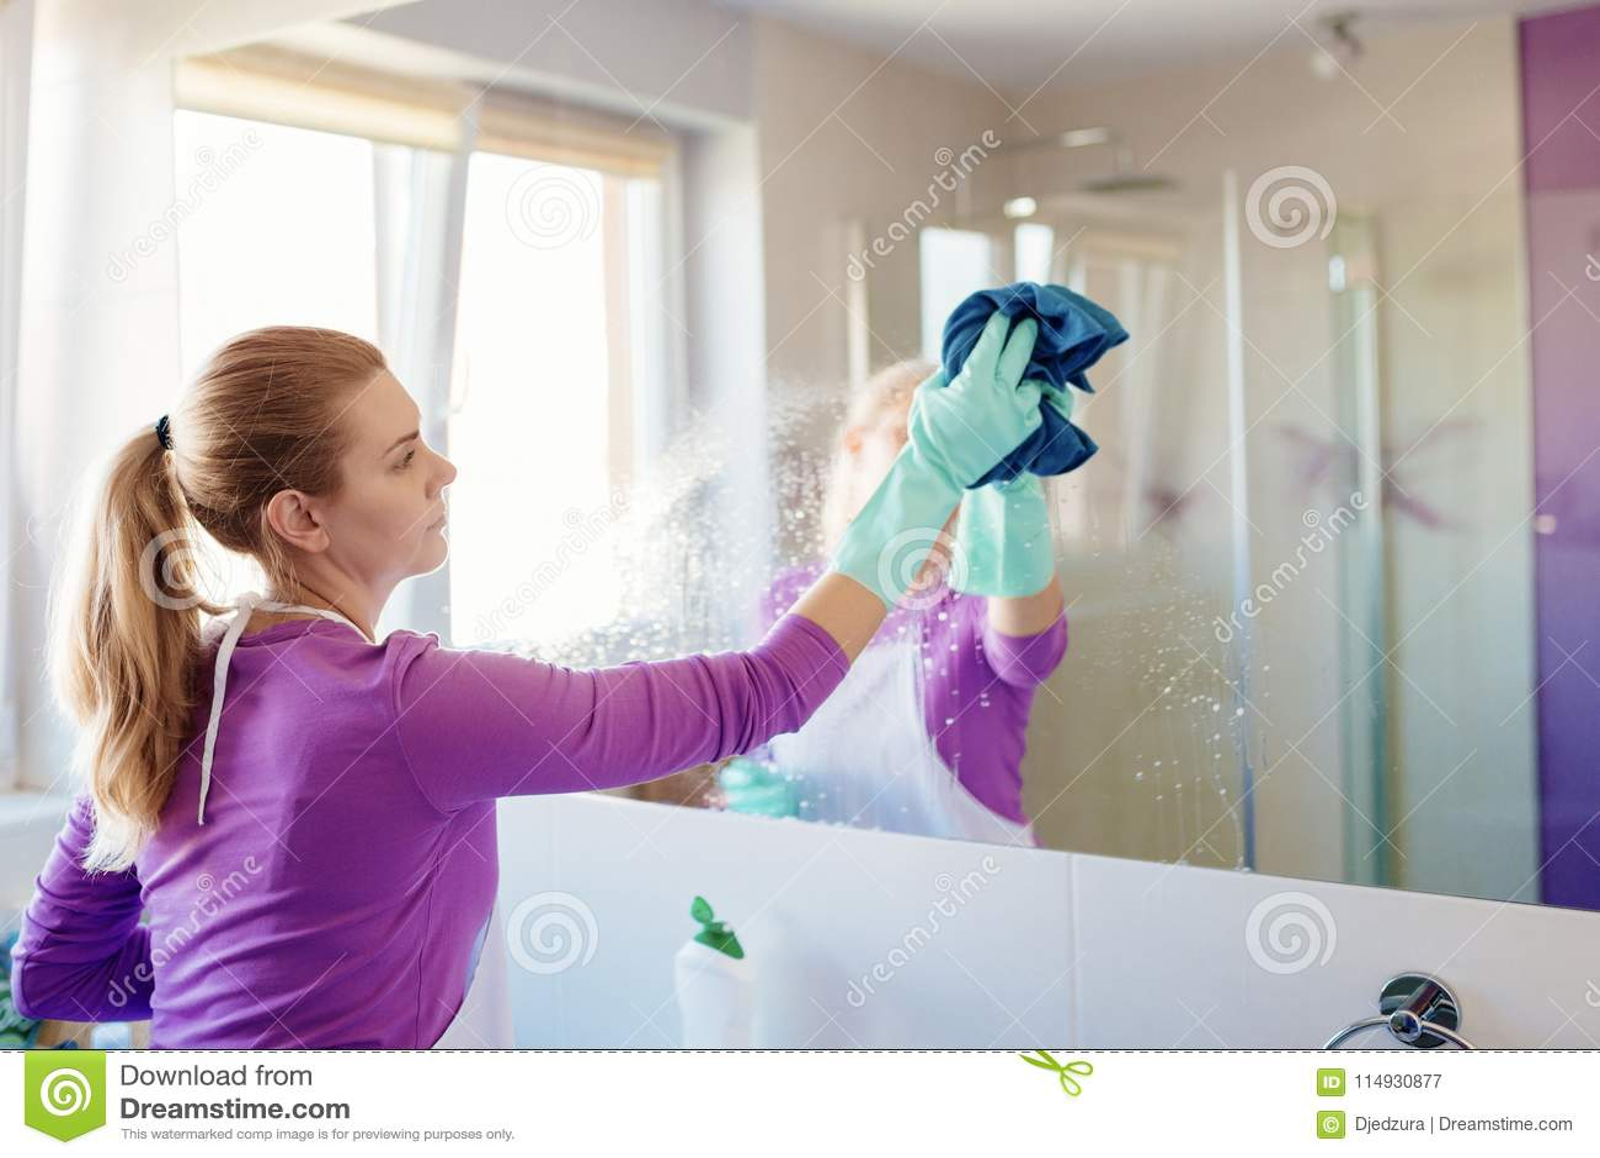 Jonge mooie vrouw in het schoonmaken van spiegel in badkamers